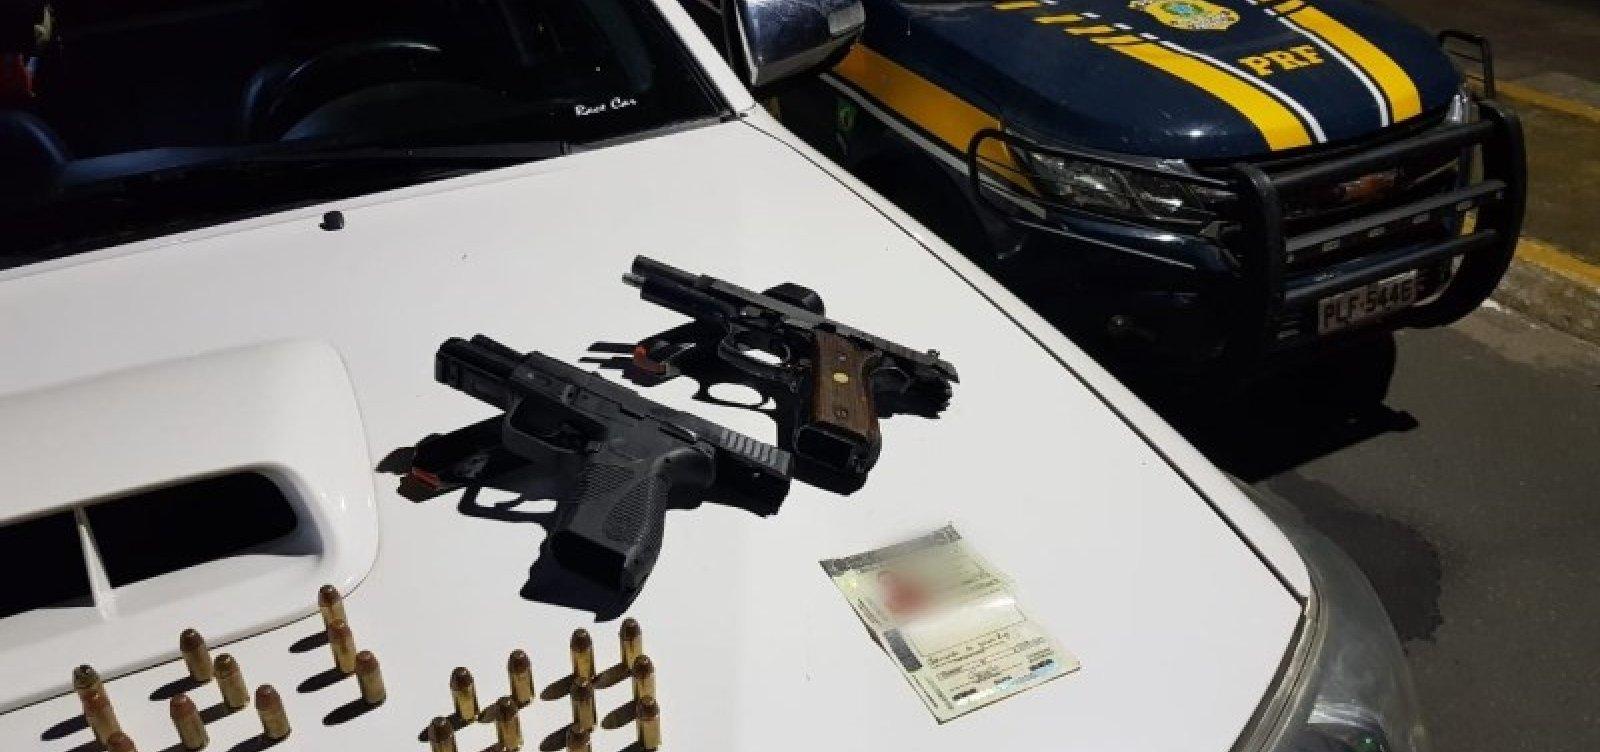 Após abordagem, PRF apreende armas e munições; suspeitos conseguiram fugir